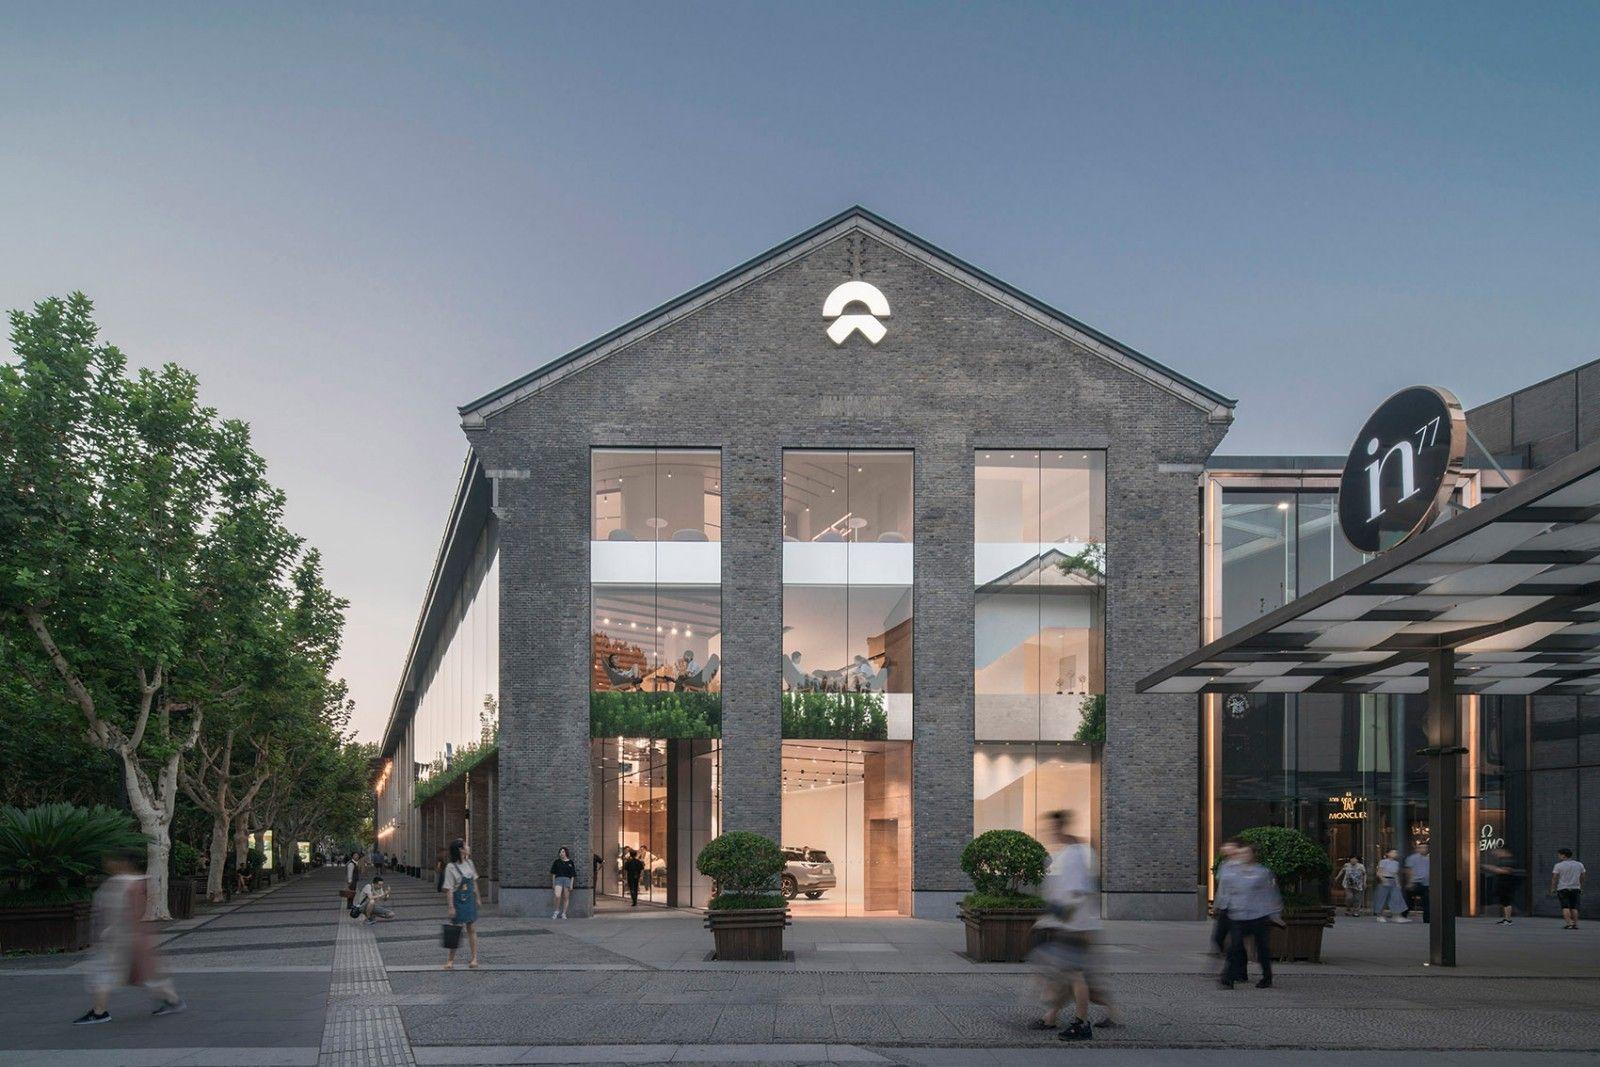 消除人与车的边界·杭州NIO蔚来旗舰展厅 | SHL建筑事务所